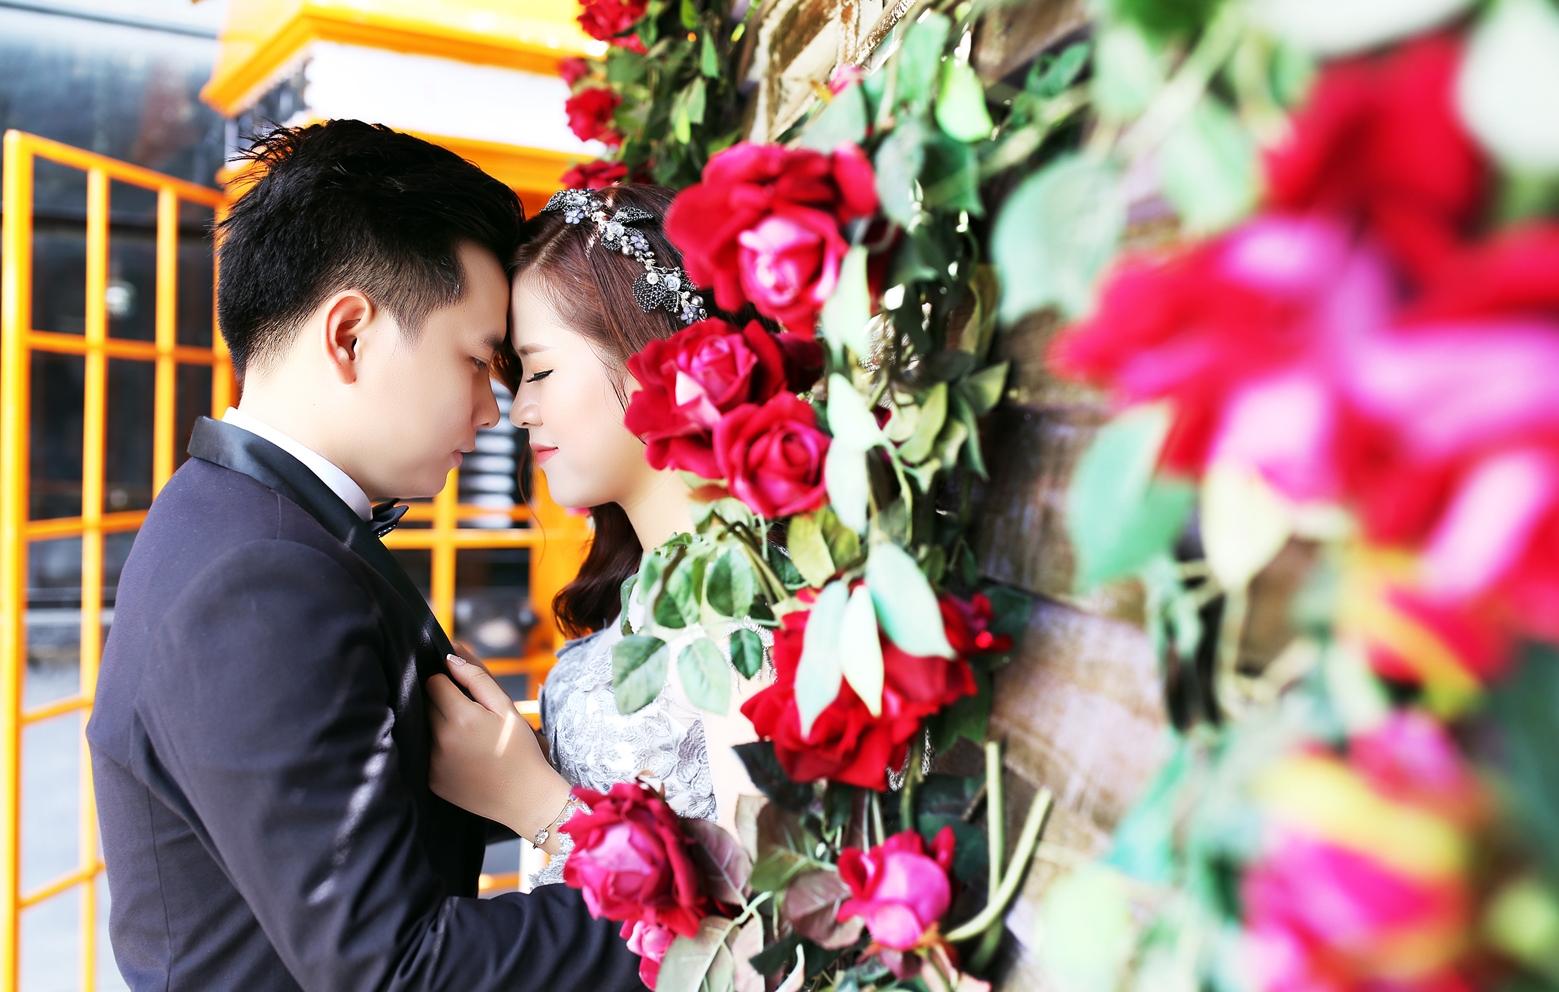 Xếp hạng 9 Studio chụp ảnh cưới đẹp và chất lượng nhất quận 12, TP.HCM -  Thái Toàn Studio